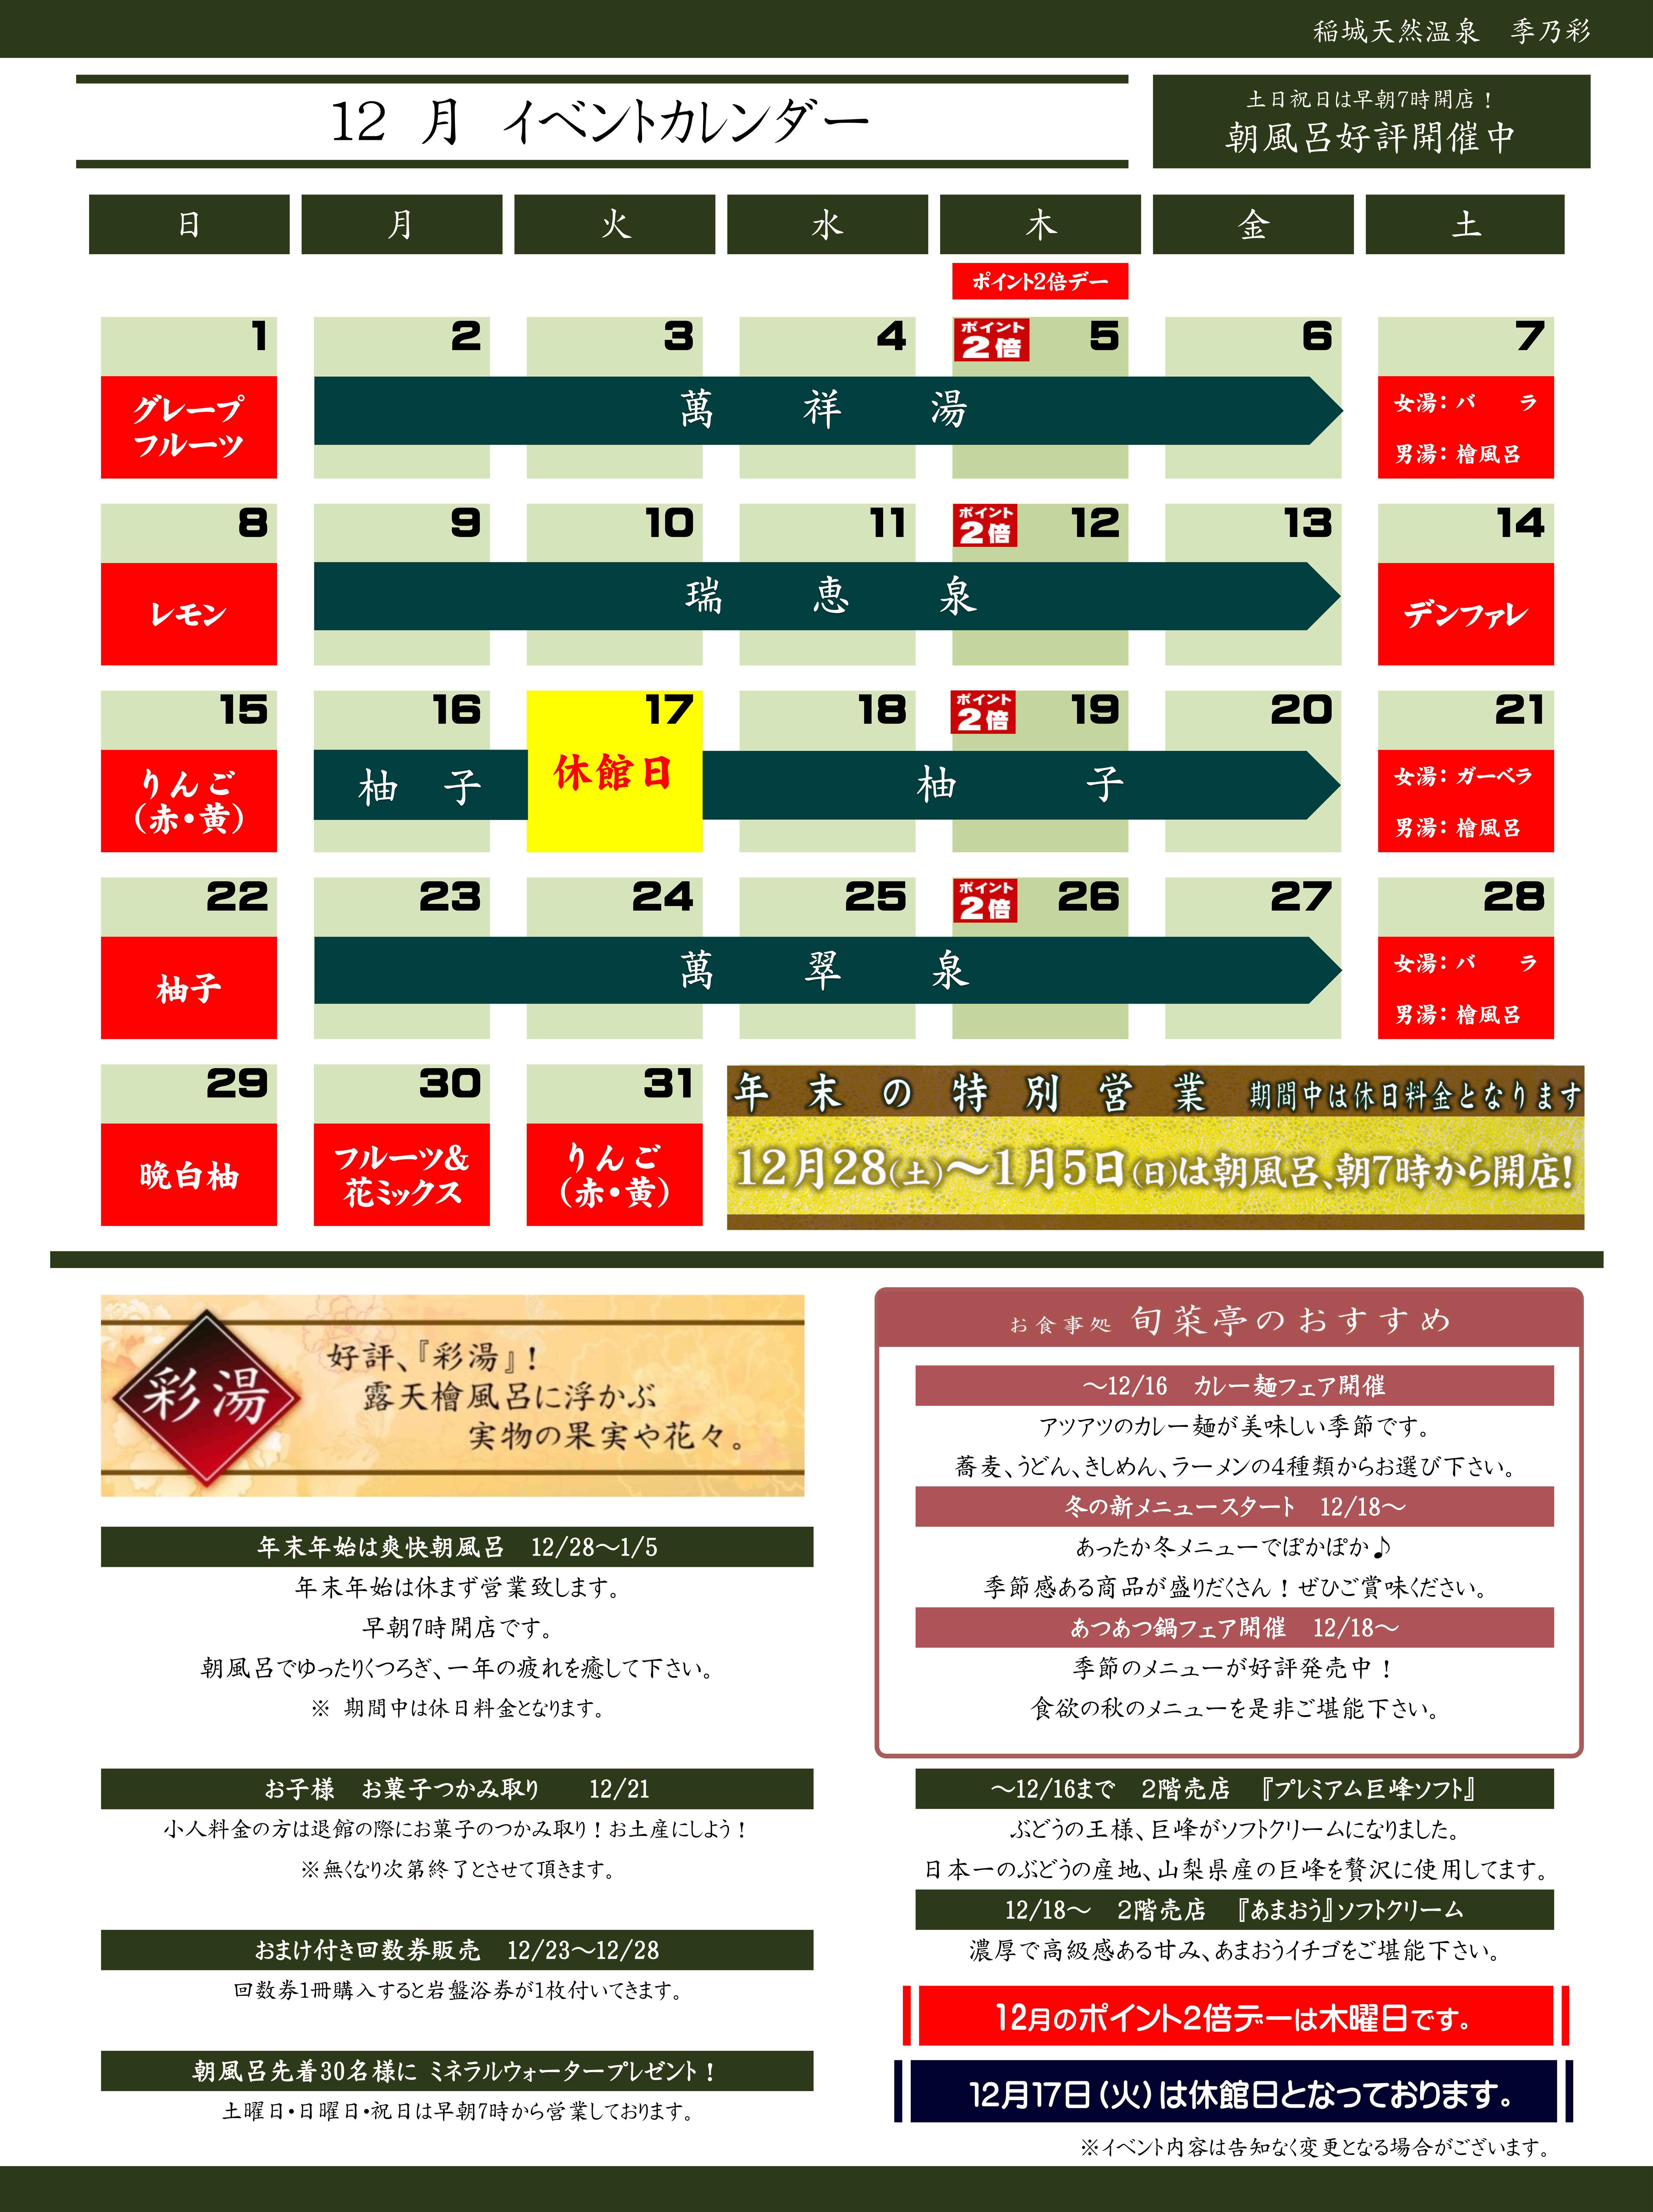 イベントカレンダー 201912